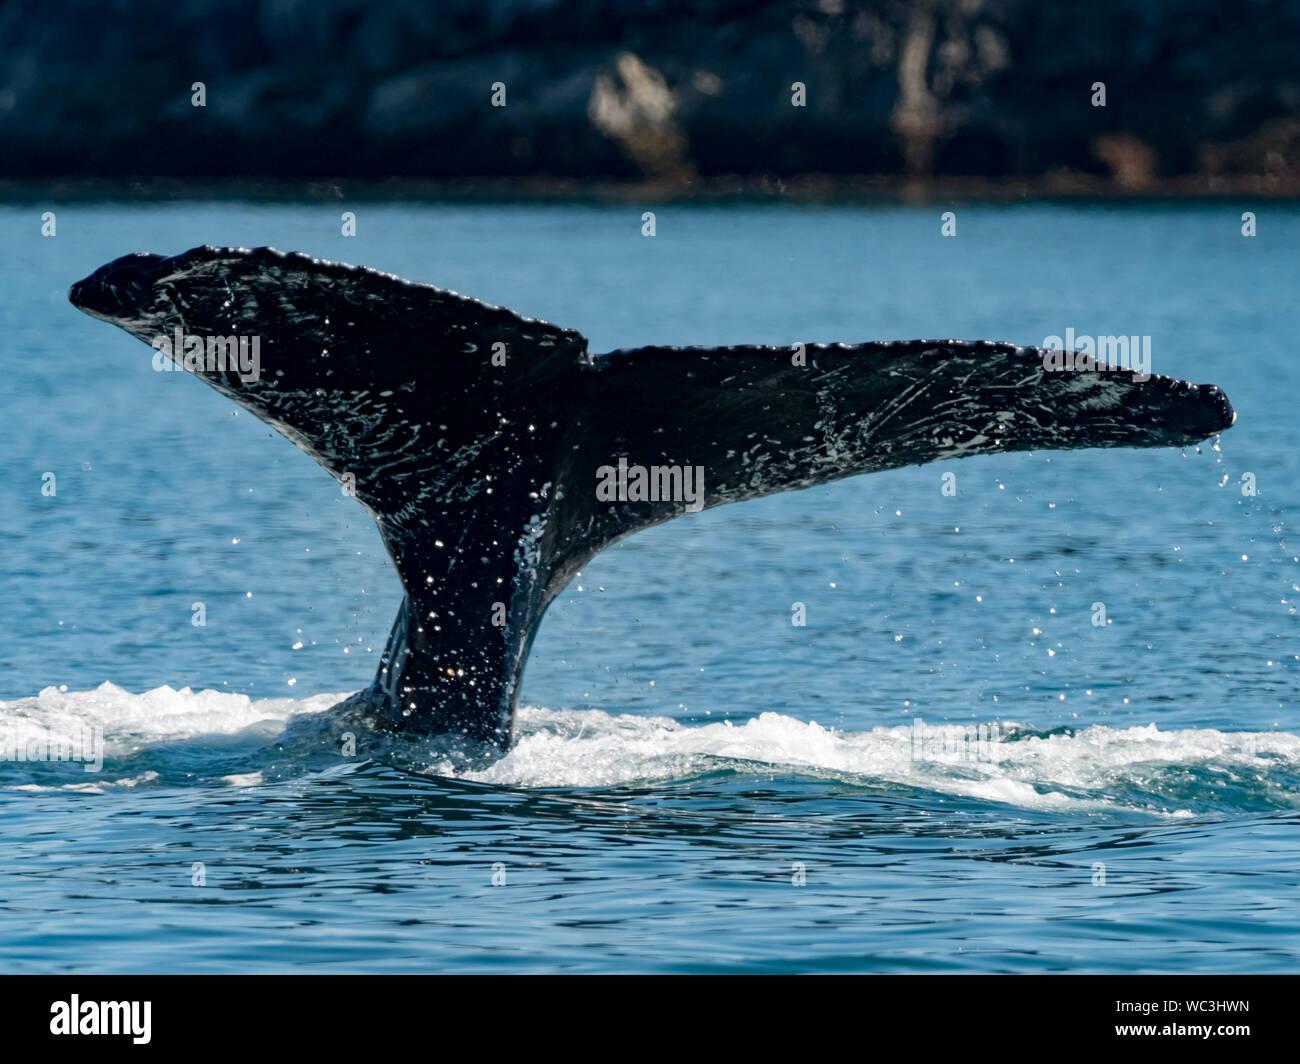 Las ballenas jorobadas Megaptera novaeangliae, buceo y mostrando sus aletas caudales o colas que pueden utilizarse para la identificación de las personas en el sureste de al. Foto de stock